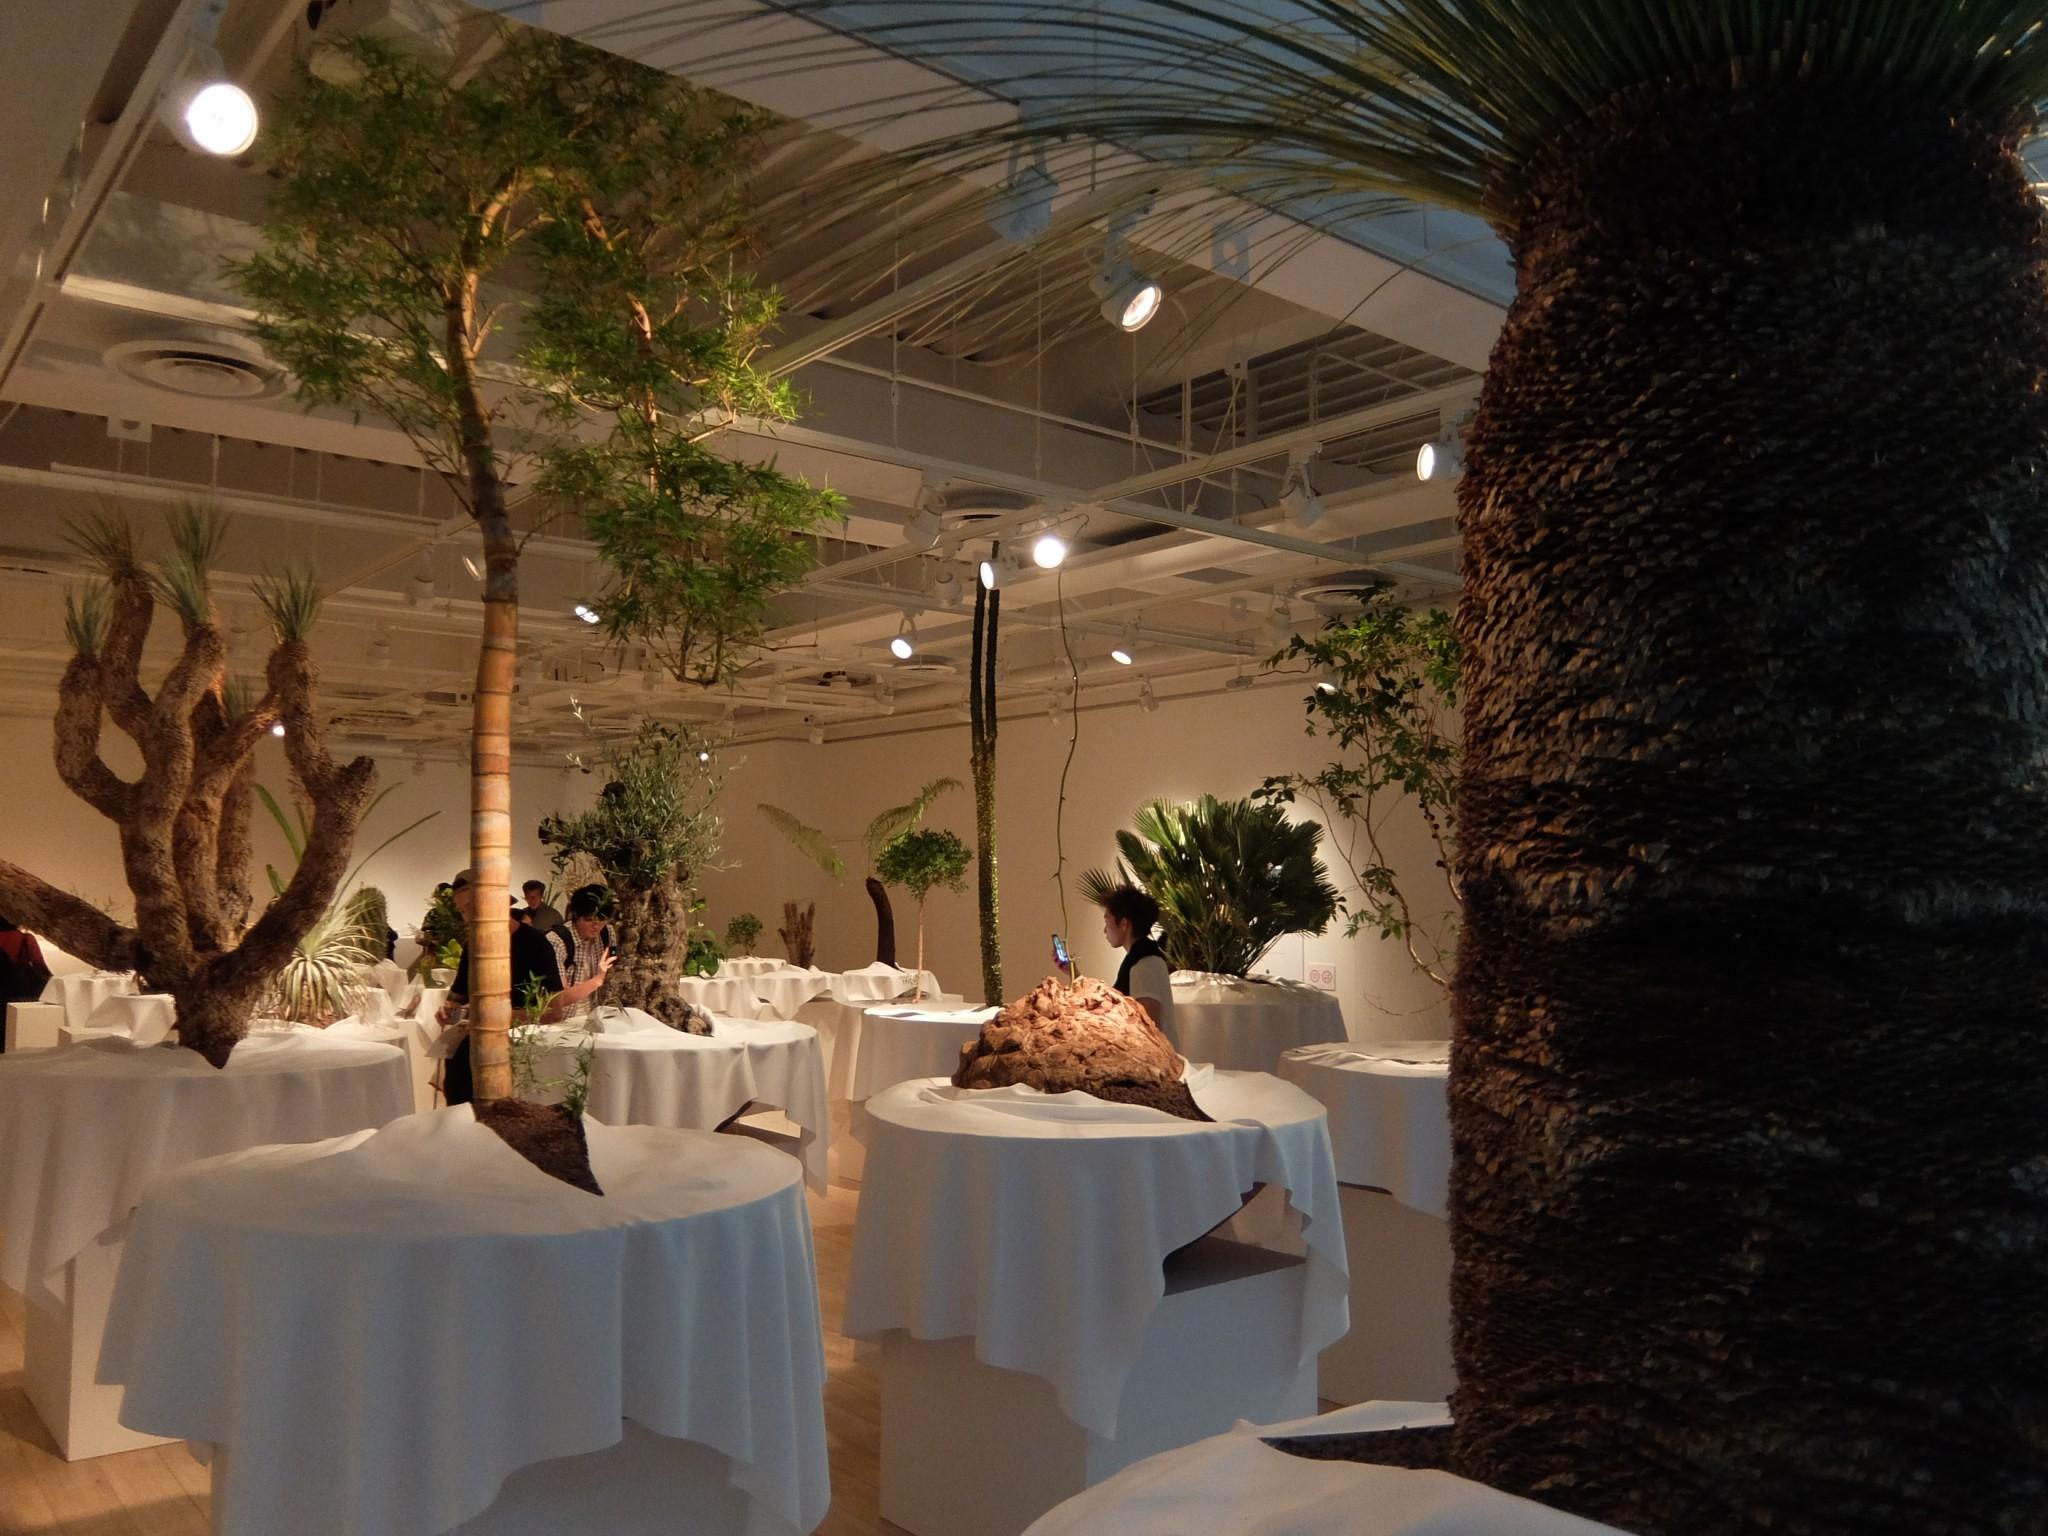 ウルトラ植物博覧会 西畠清順と愉快な植物たち